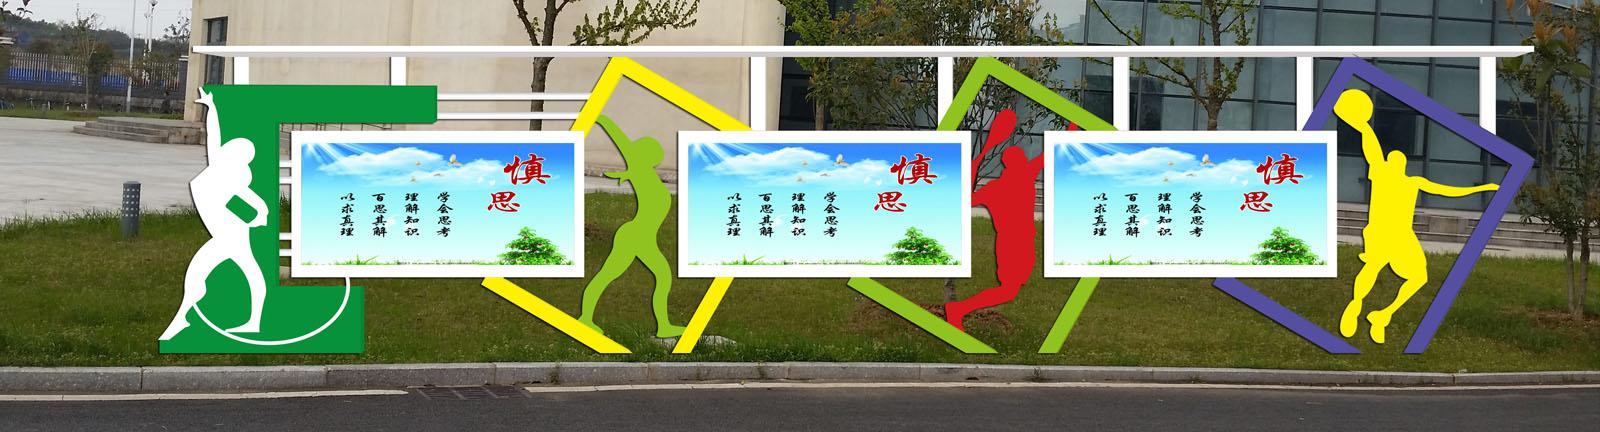 淮南公交候车亭